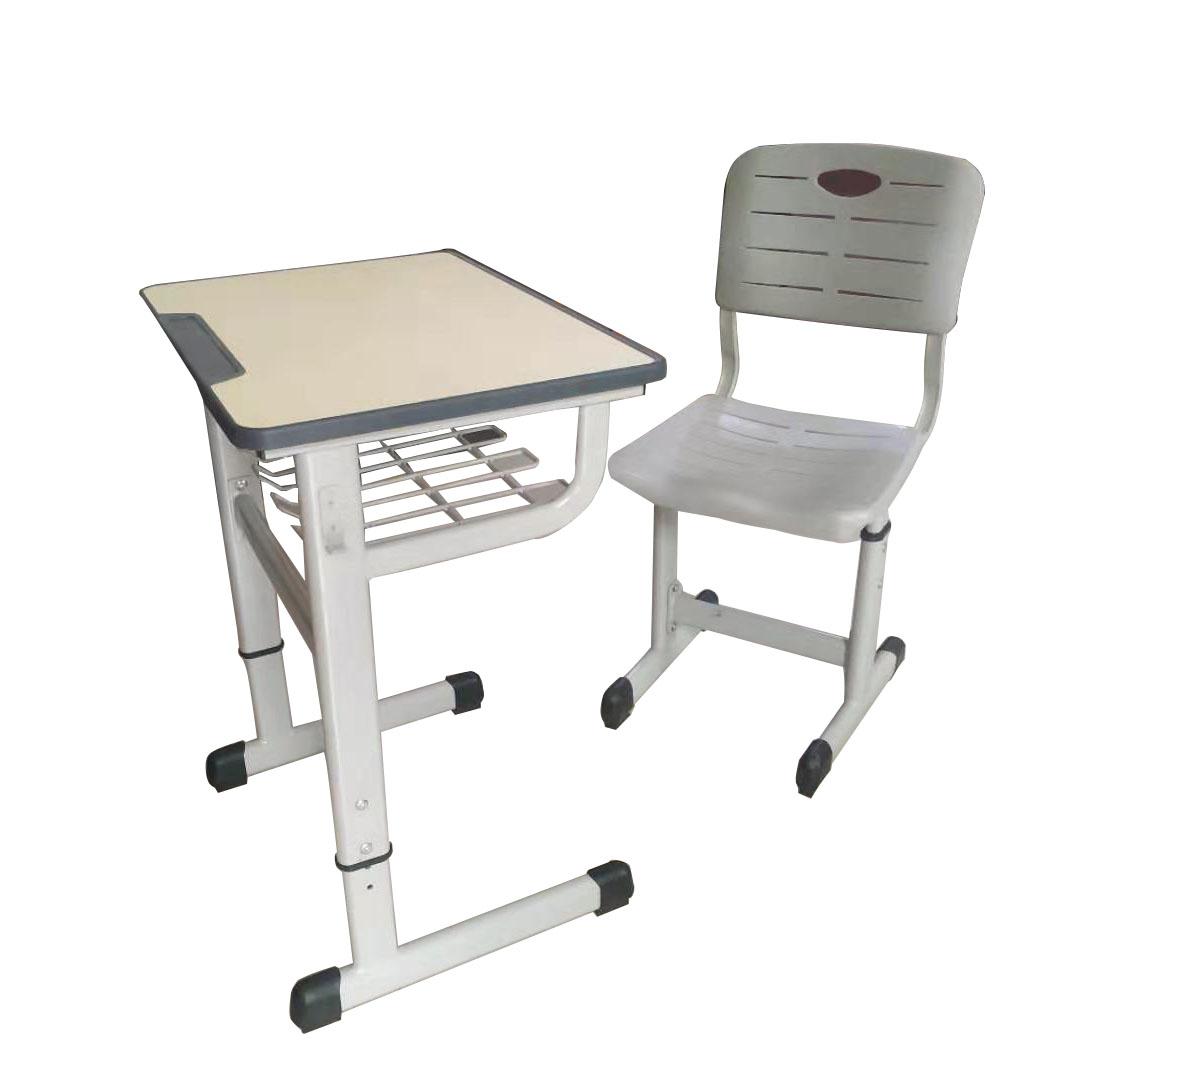 课桌椅报价的高低跟哪些因素有关